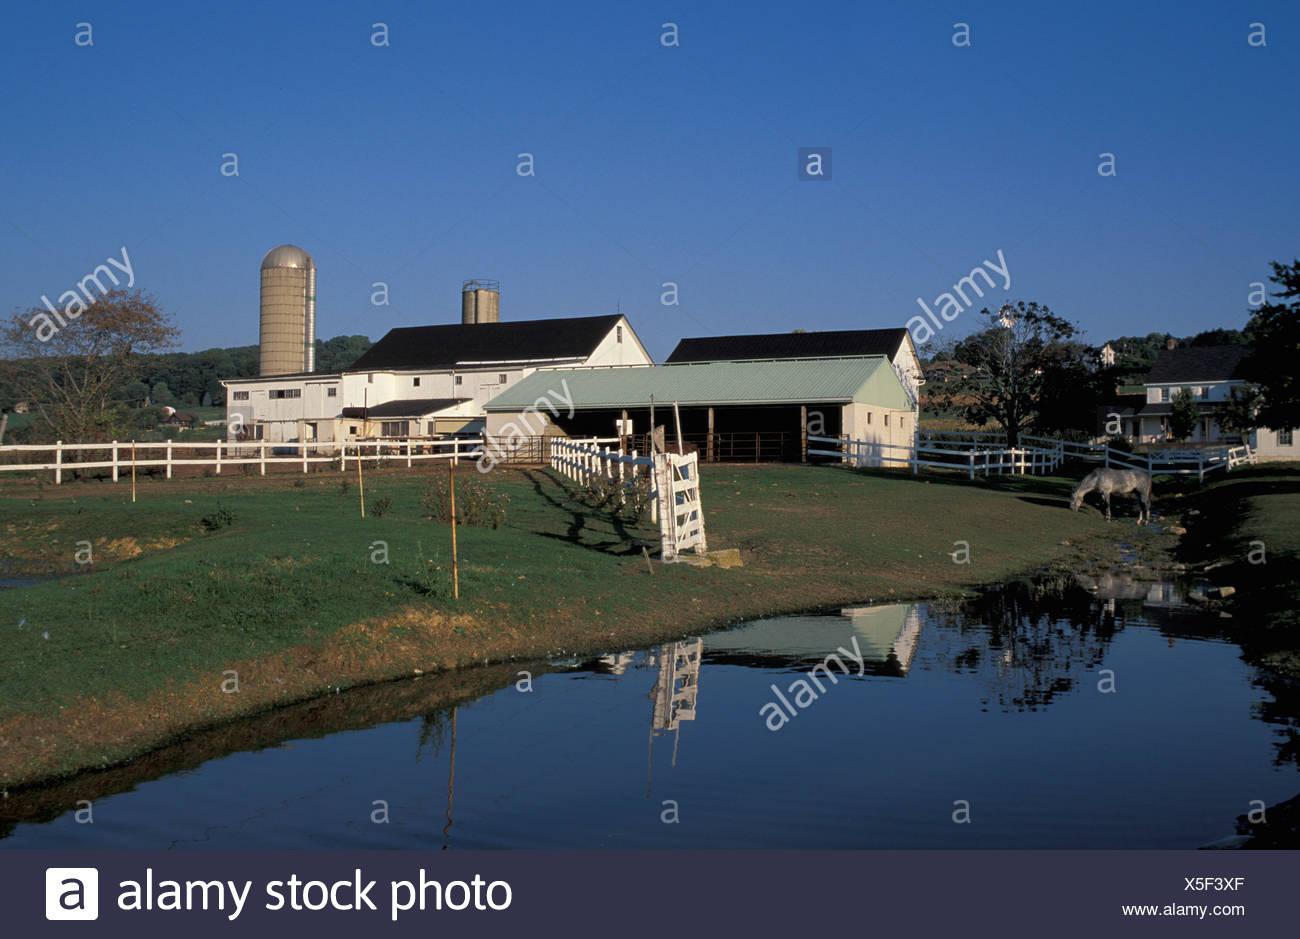 Alte Vogel altmodisch amische Landwirte Teich Bauernhof Landwirtschaft Religion Christentum Dutch Country in Hand Pennsylv Stockbild